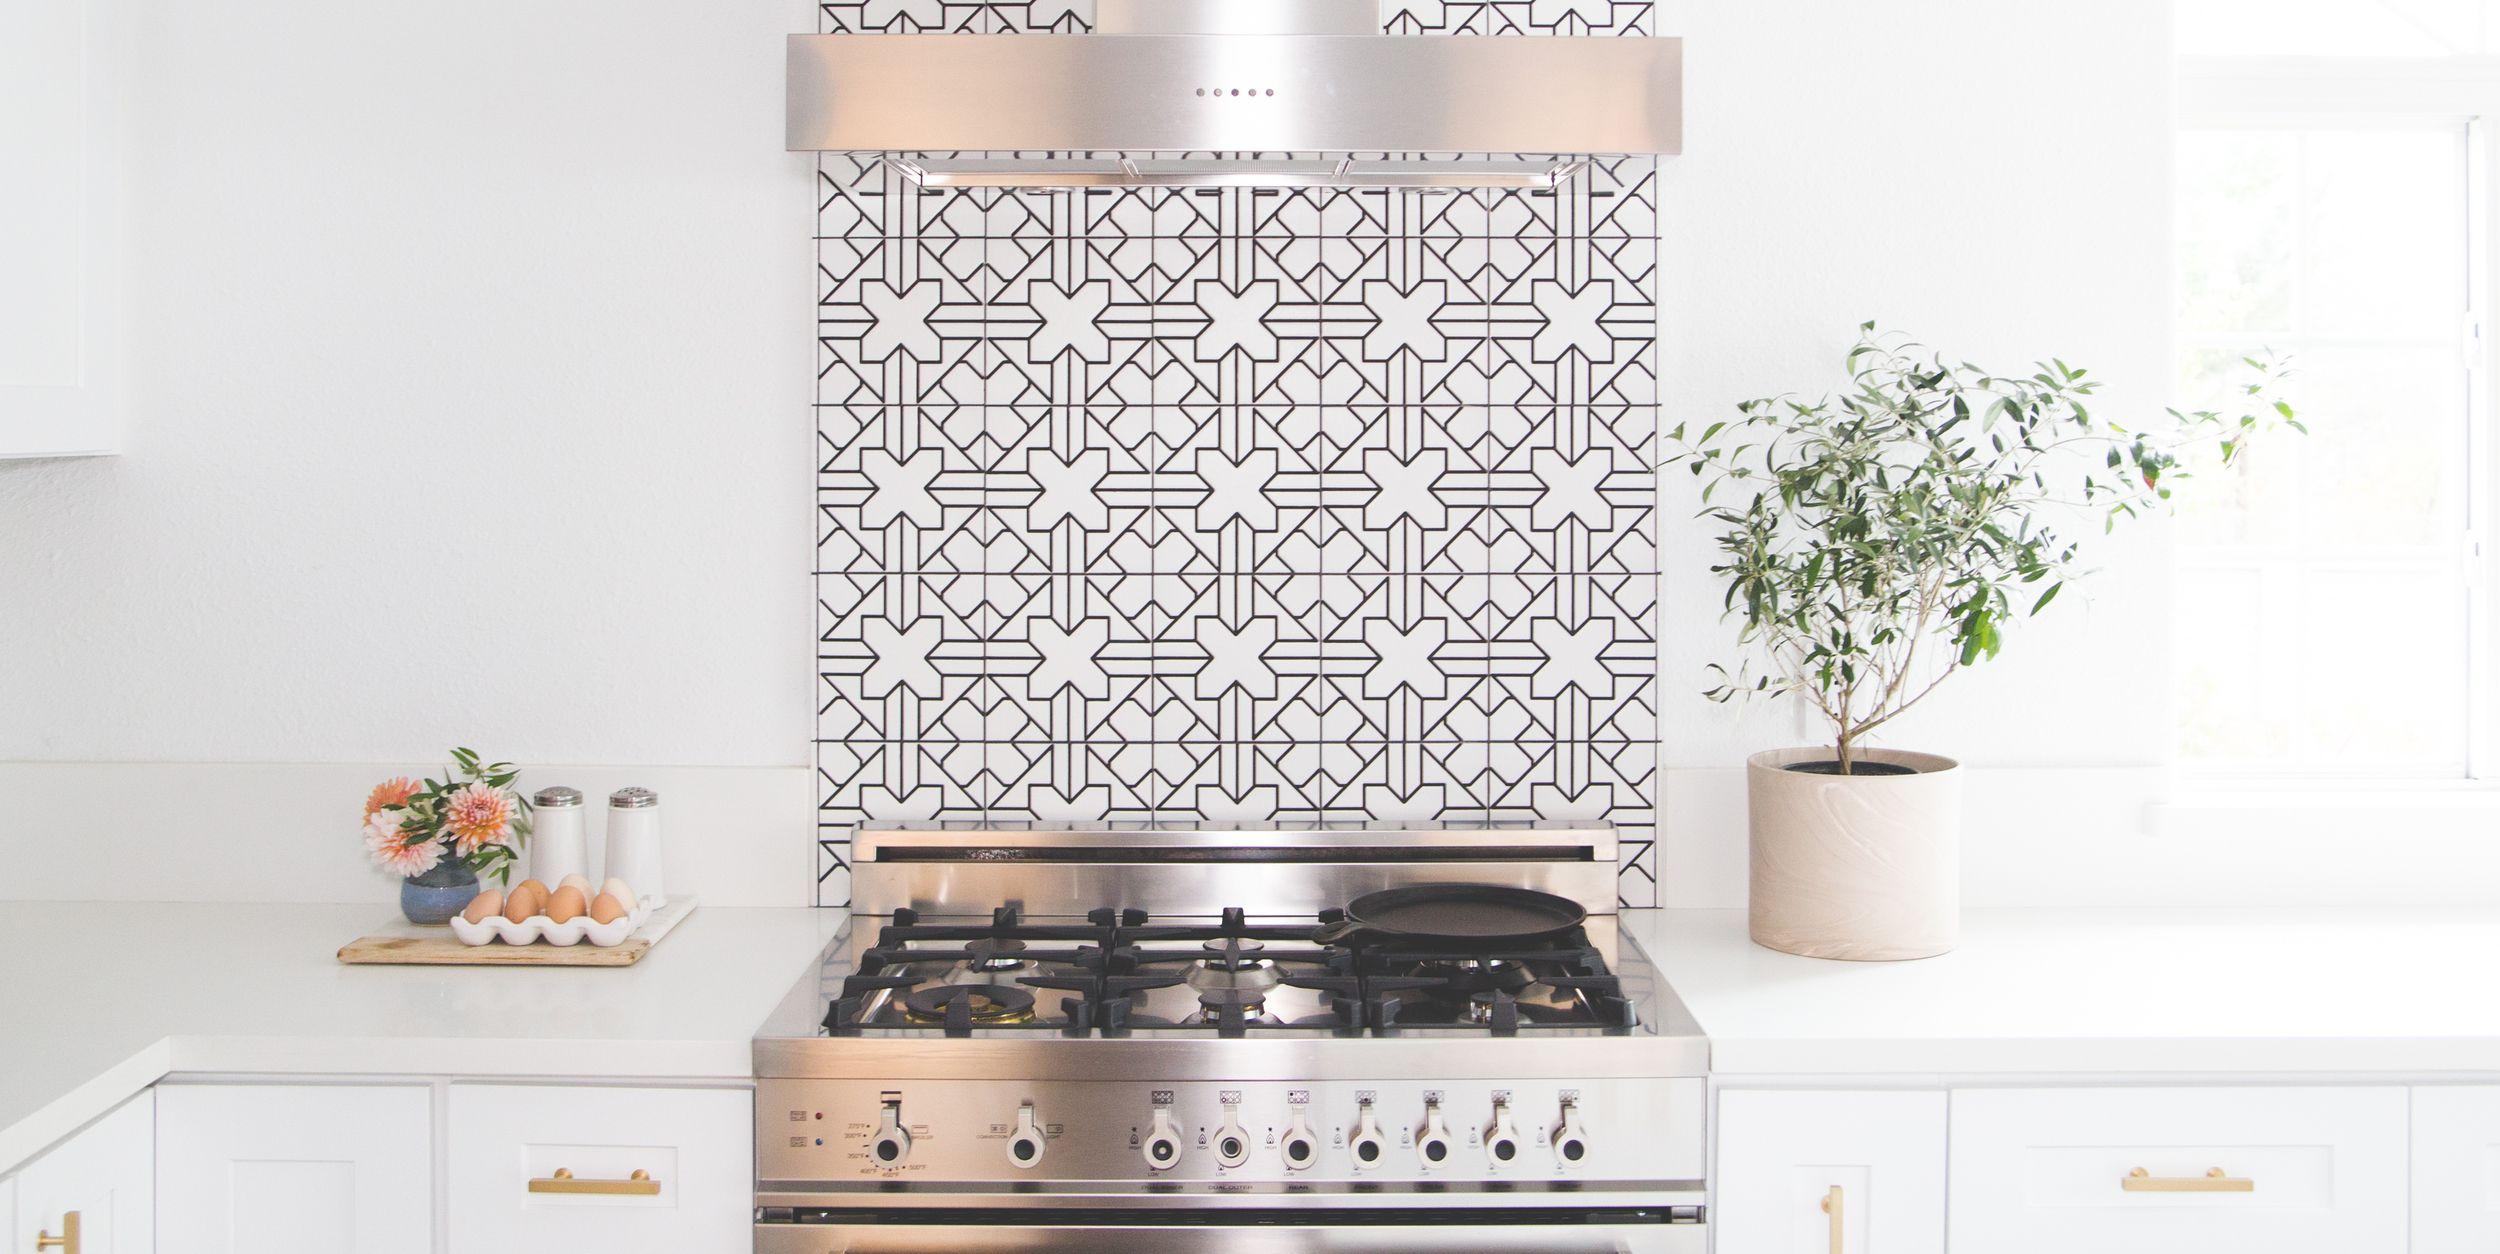 kitchen tile backsplash ideas Best Kitchen Backsplash Ideas   Tile Designs for Kitchen Backsplashes kitchen tile backsplash ideas